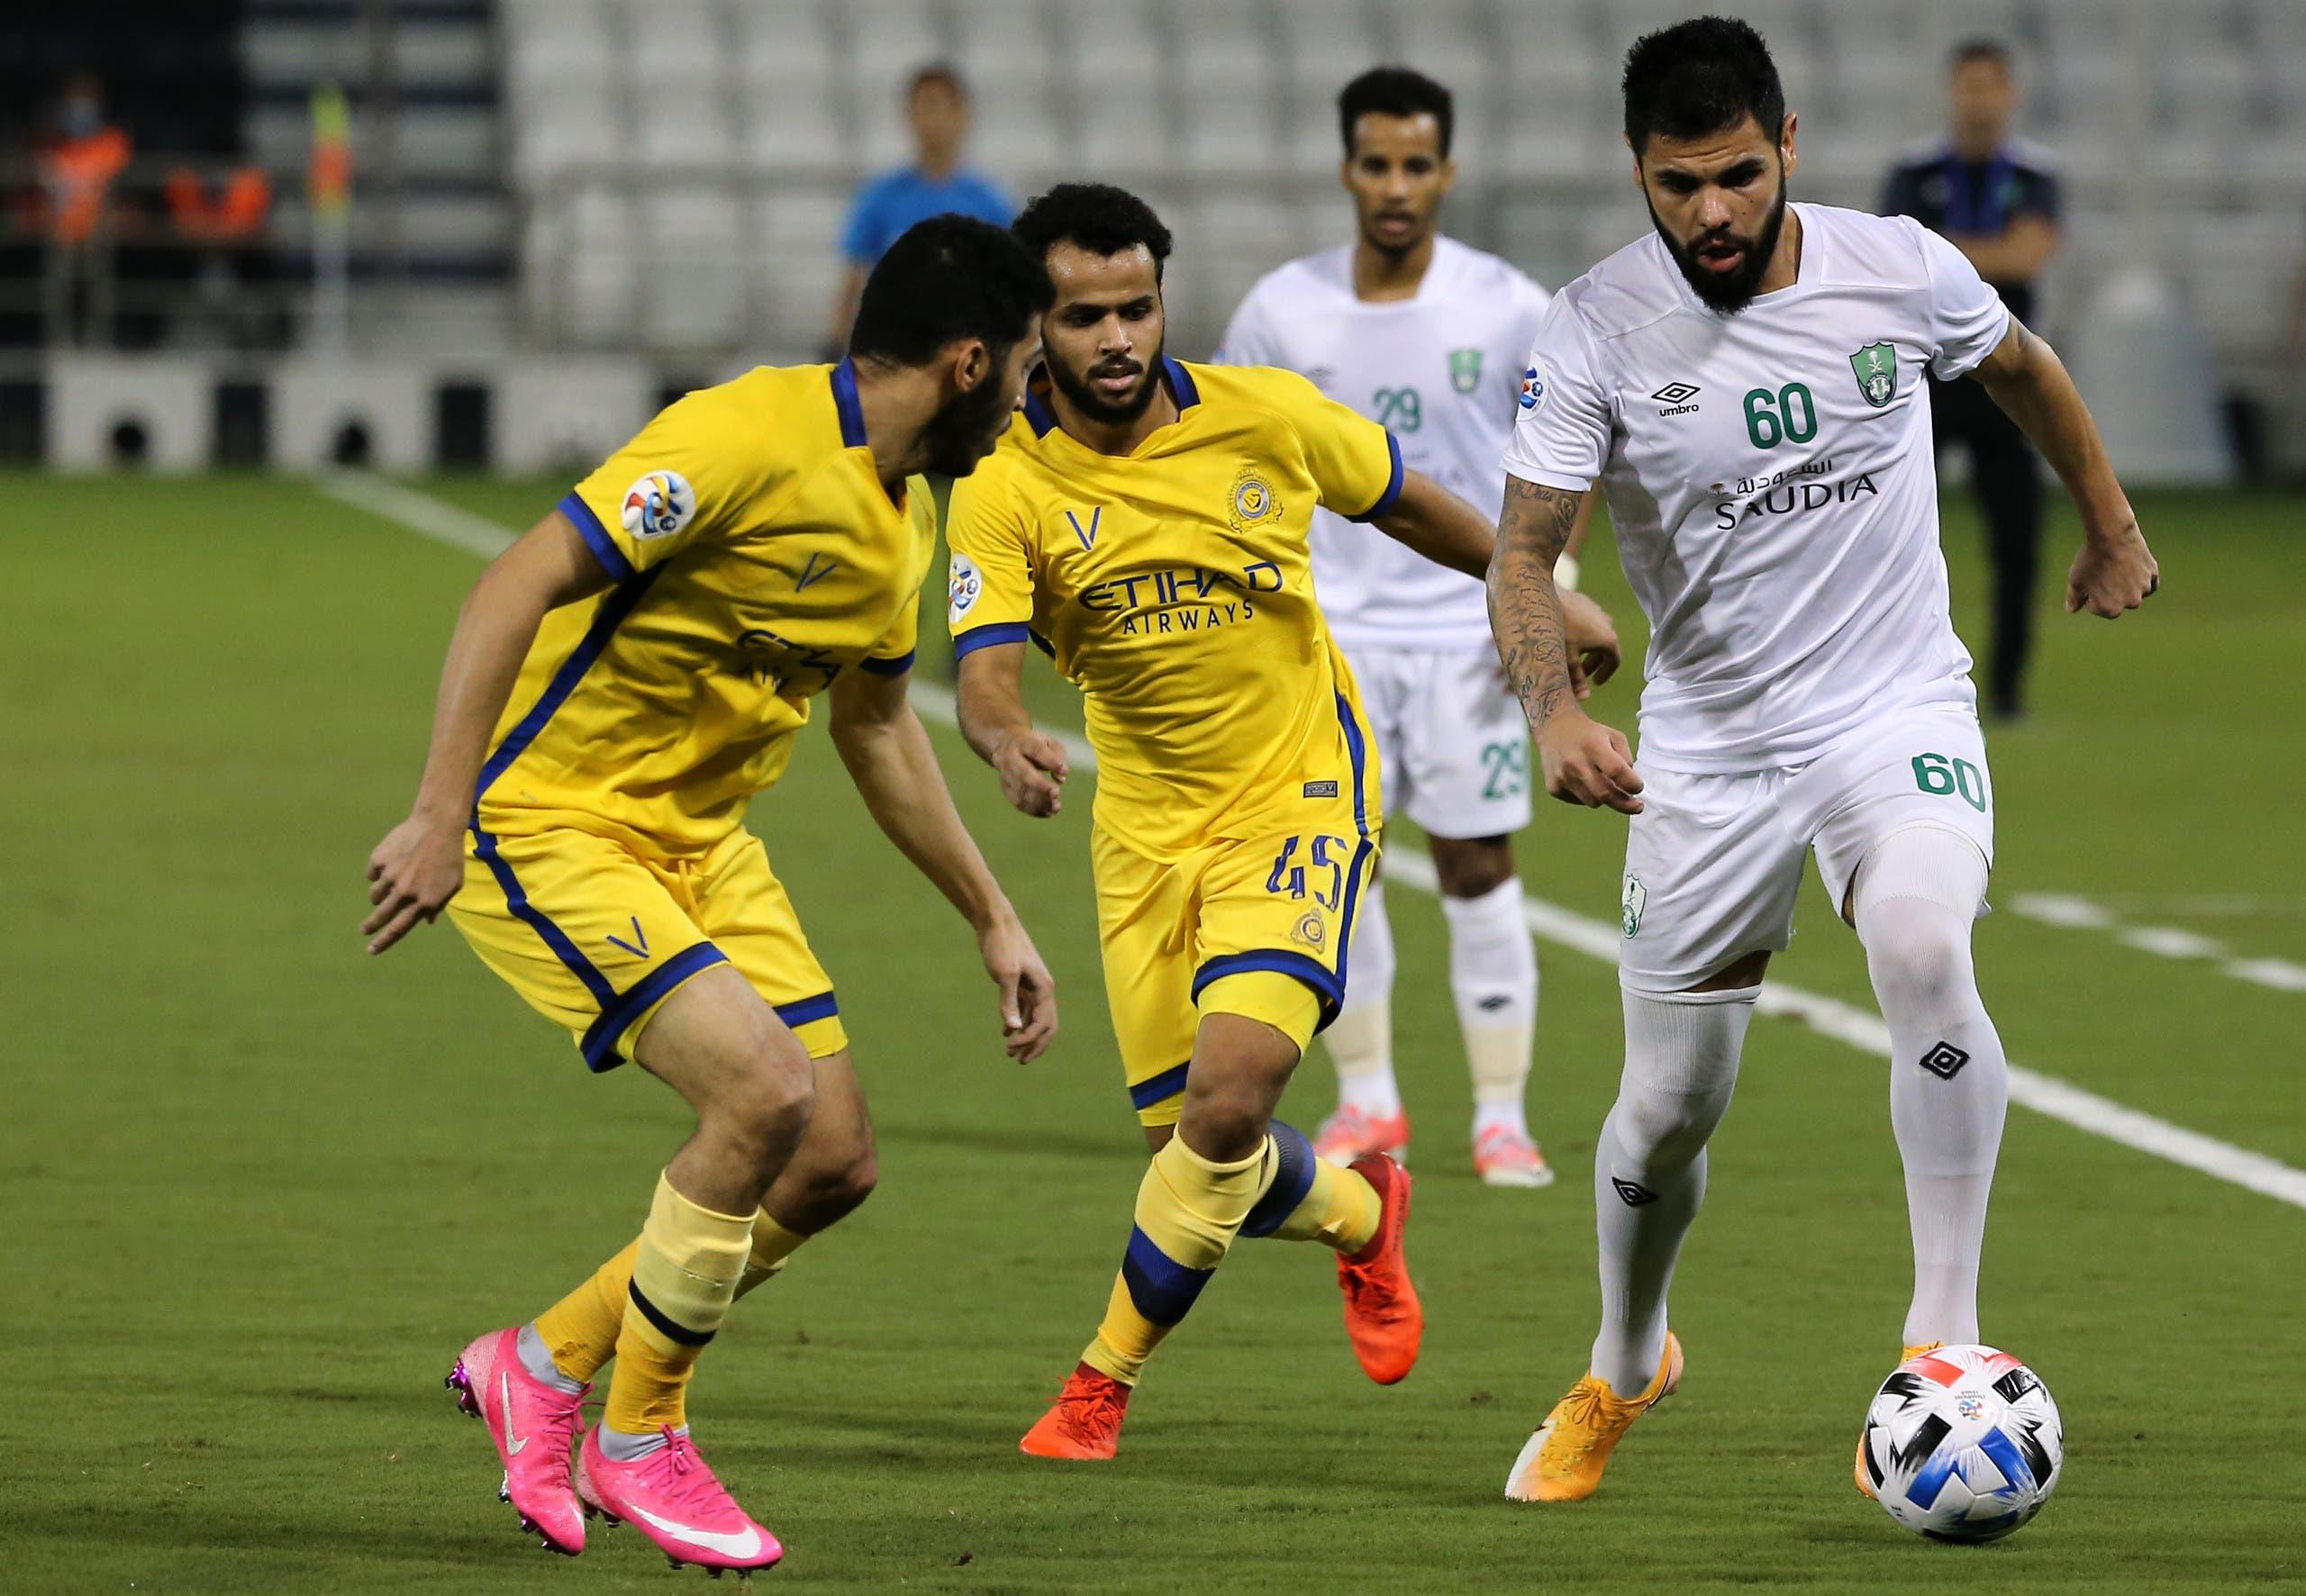 عبدالفتاح عسيري في مباراة سابقة بين النصر والأهلي